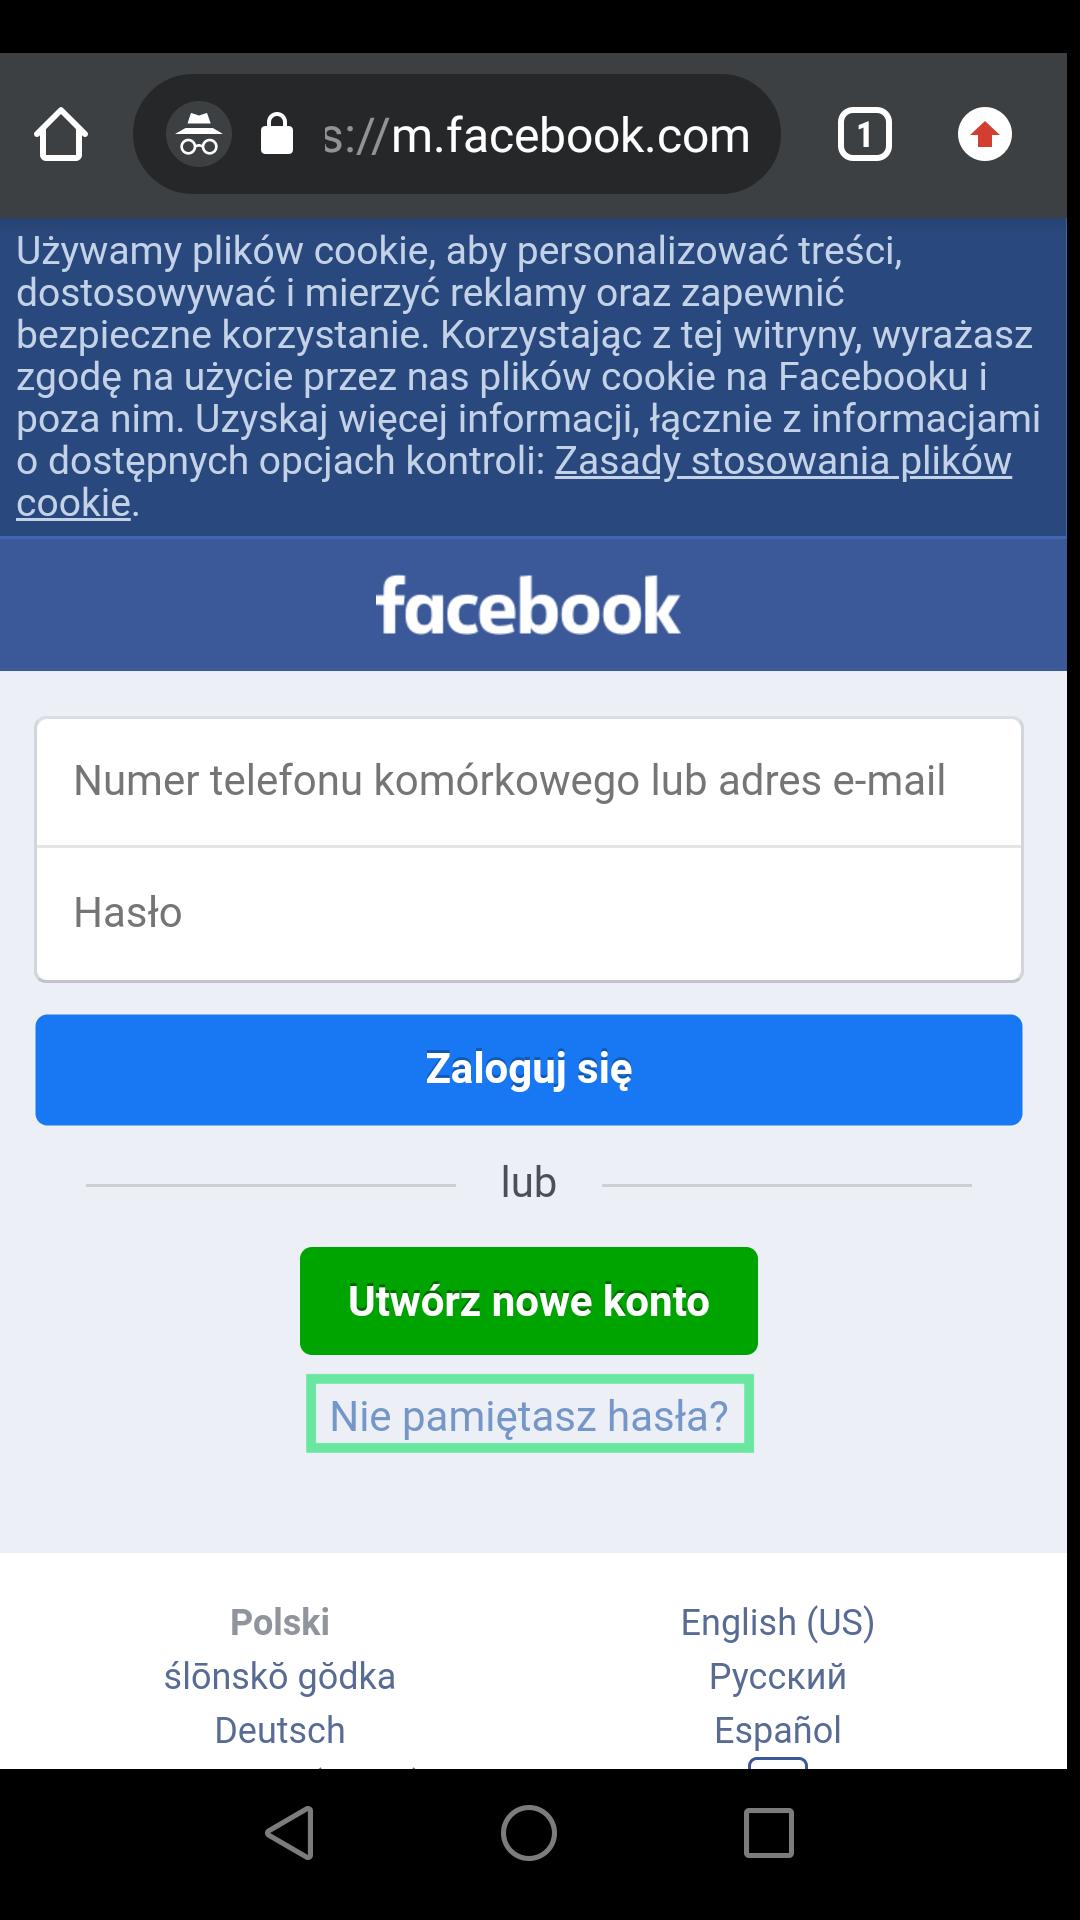 odzyskiwanie hasła do fb na telefonie